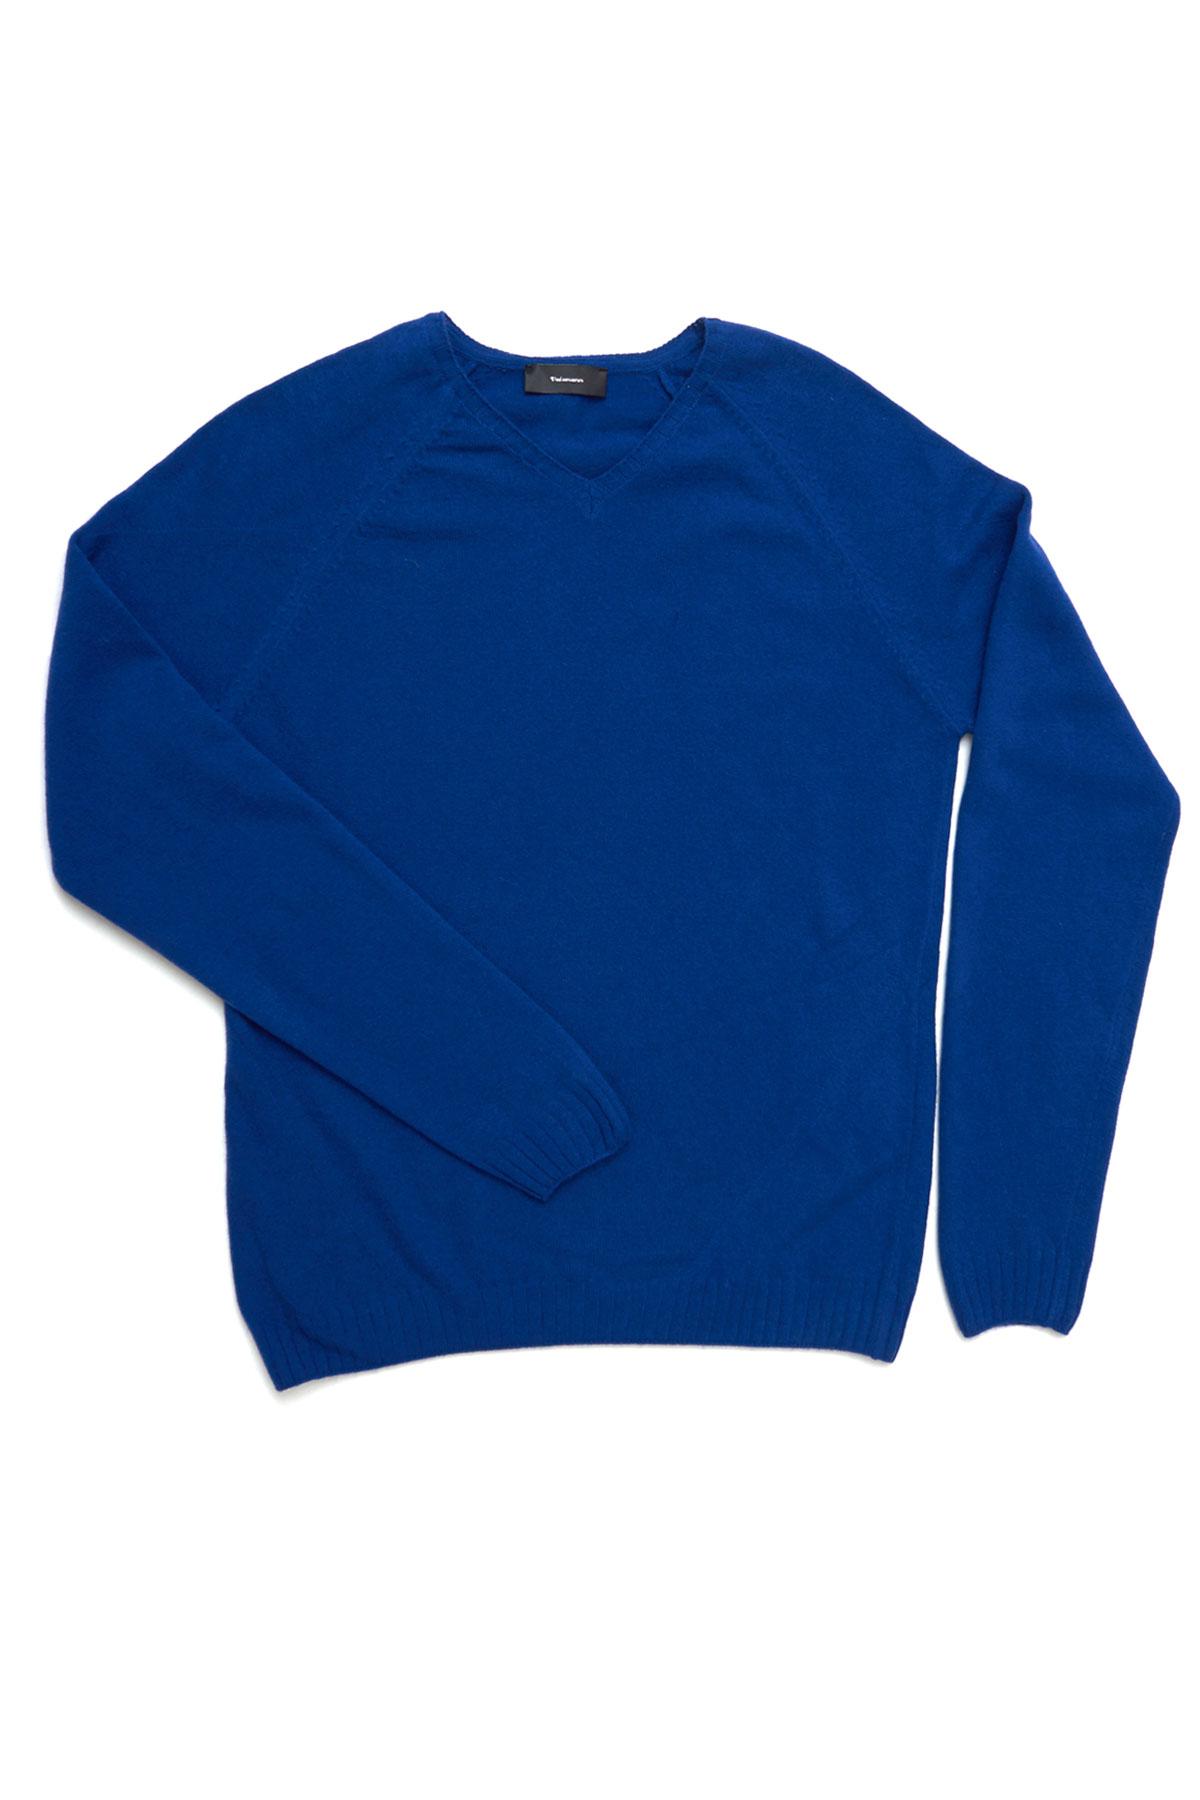 Свитер синего цвета Vaismann VM-18-1870-19